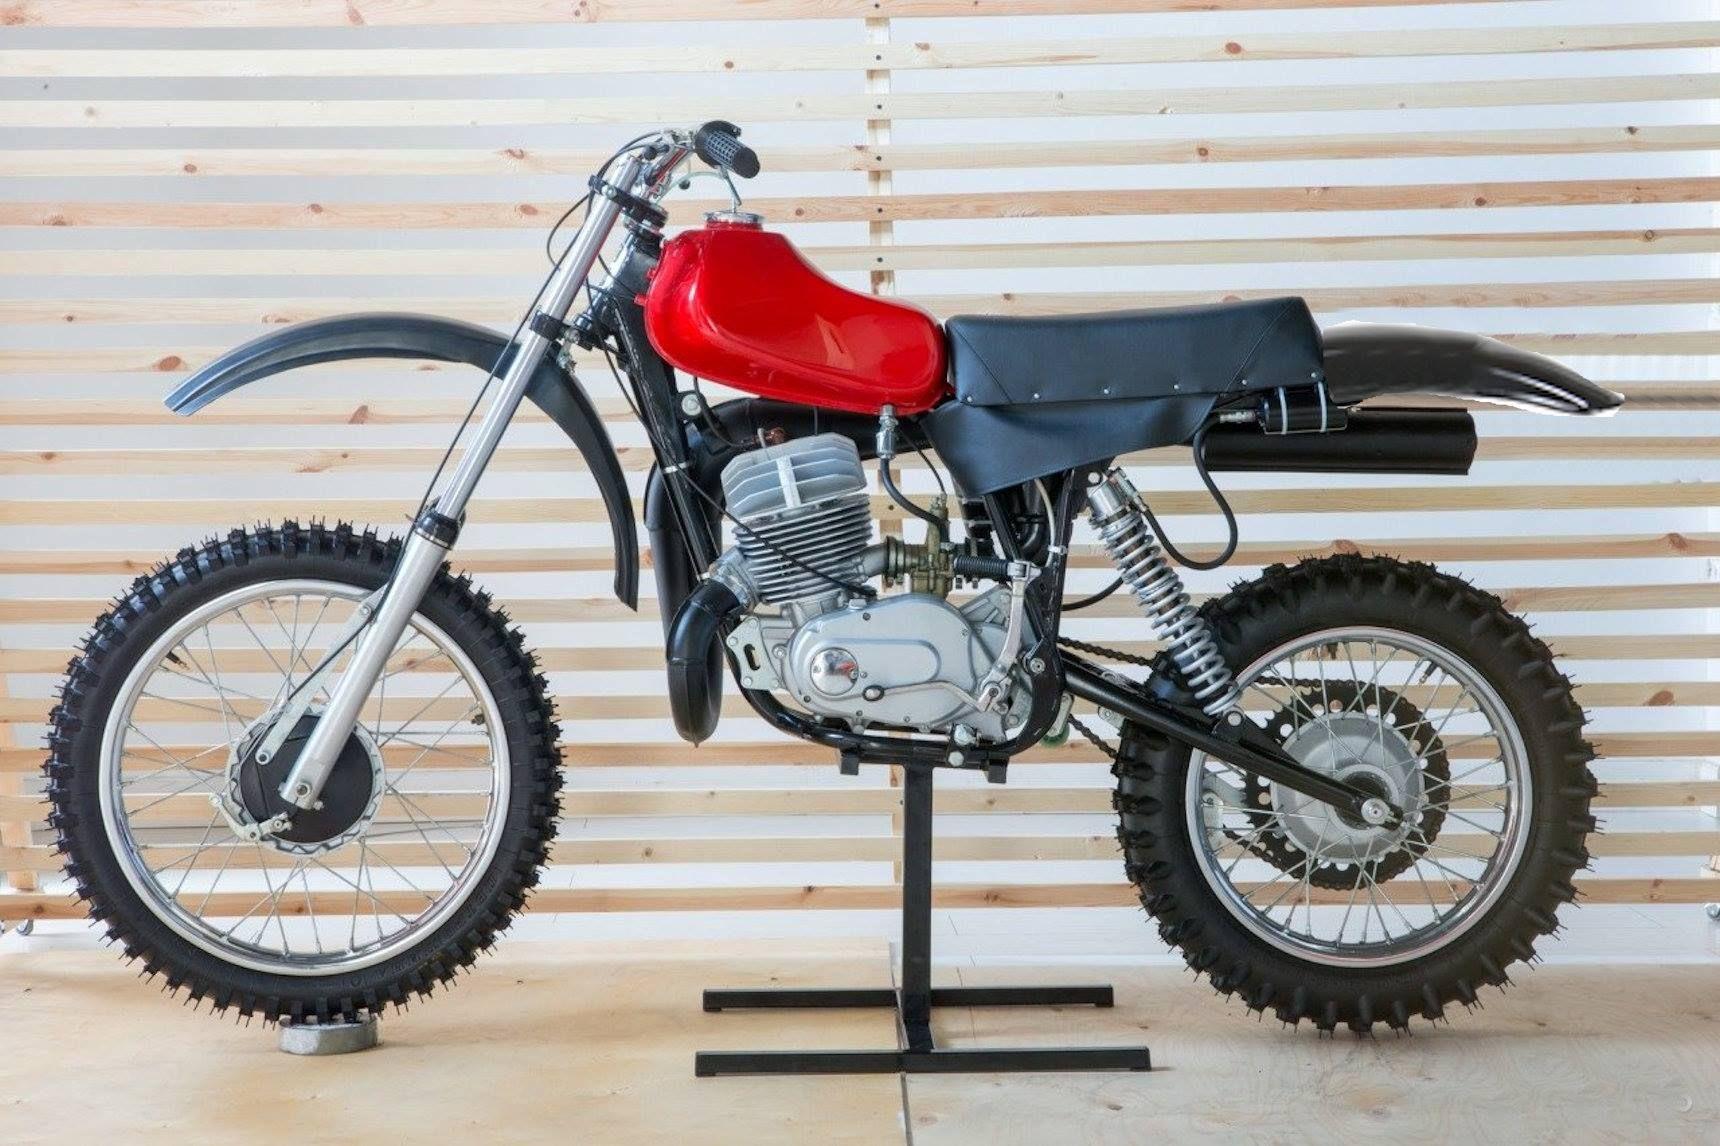 Фото самого дорогого мотоцикла в мире повороте ключа